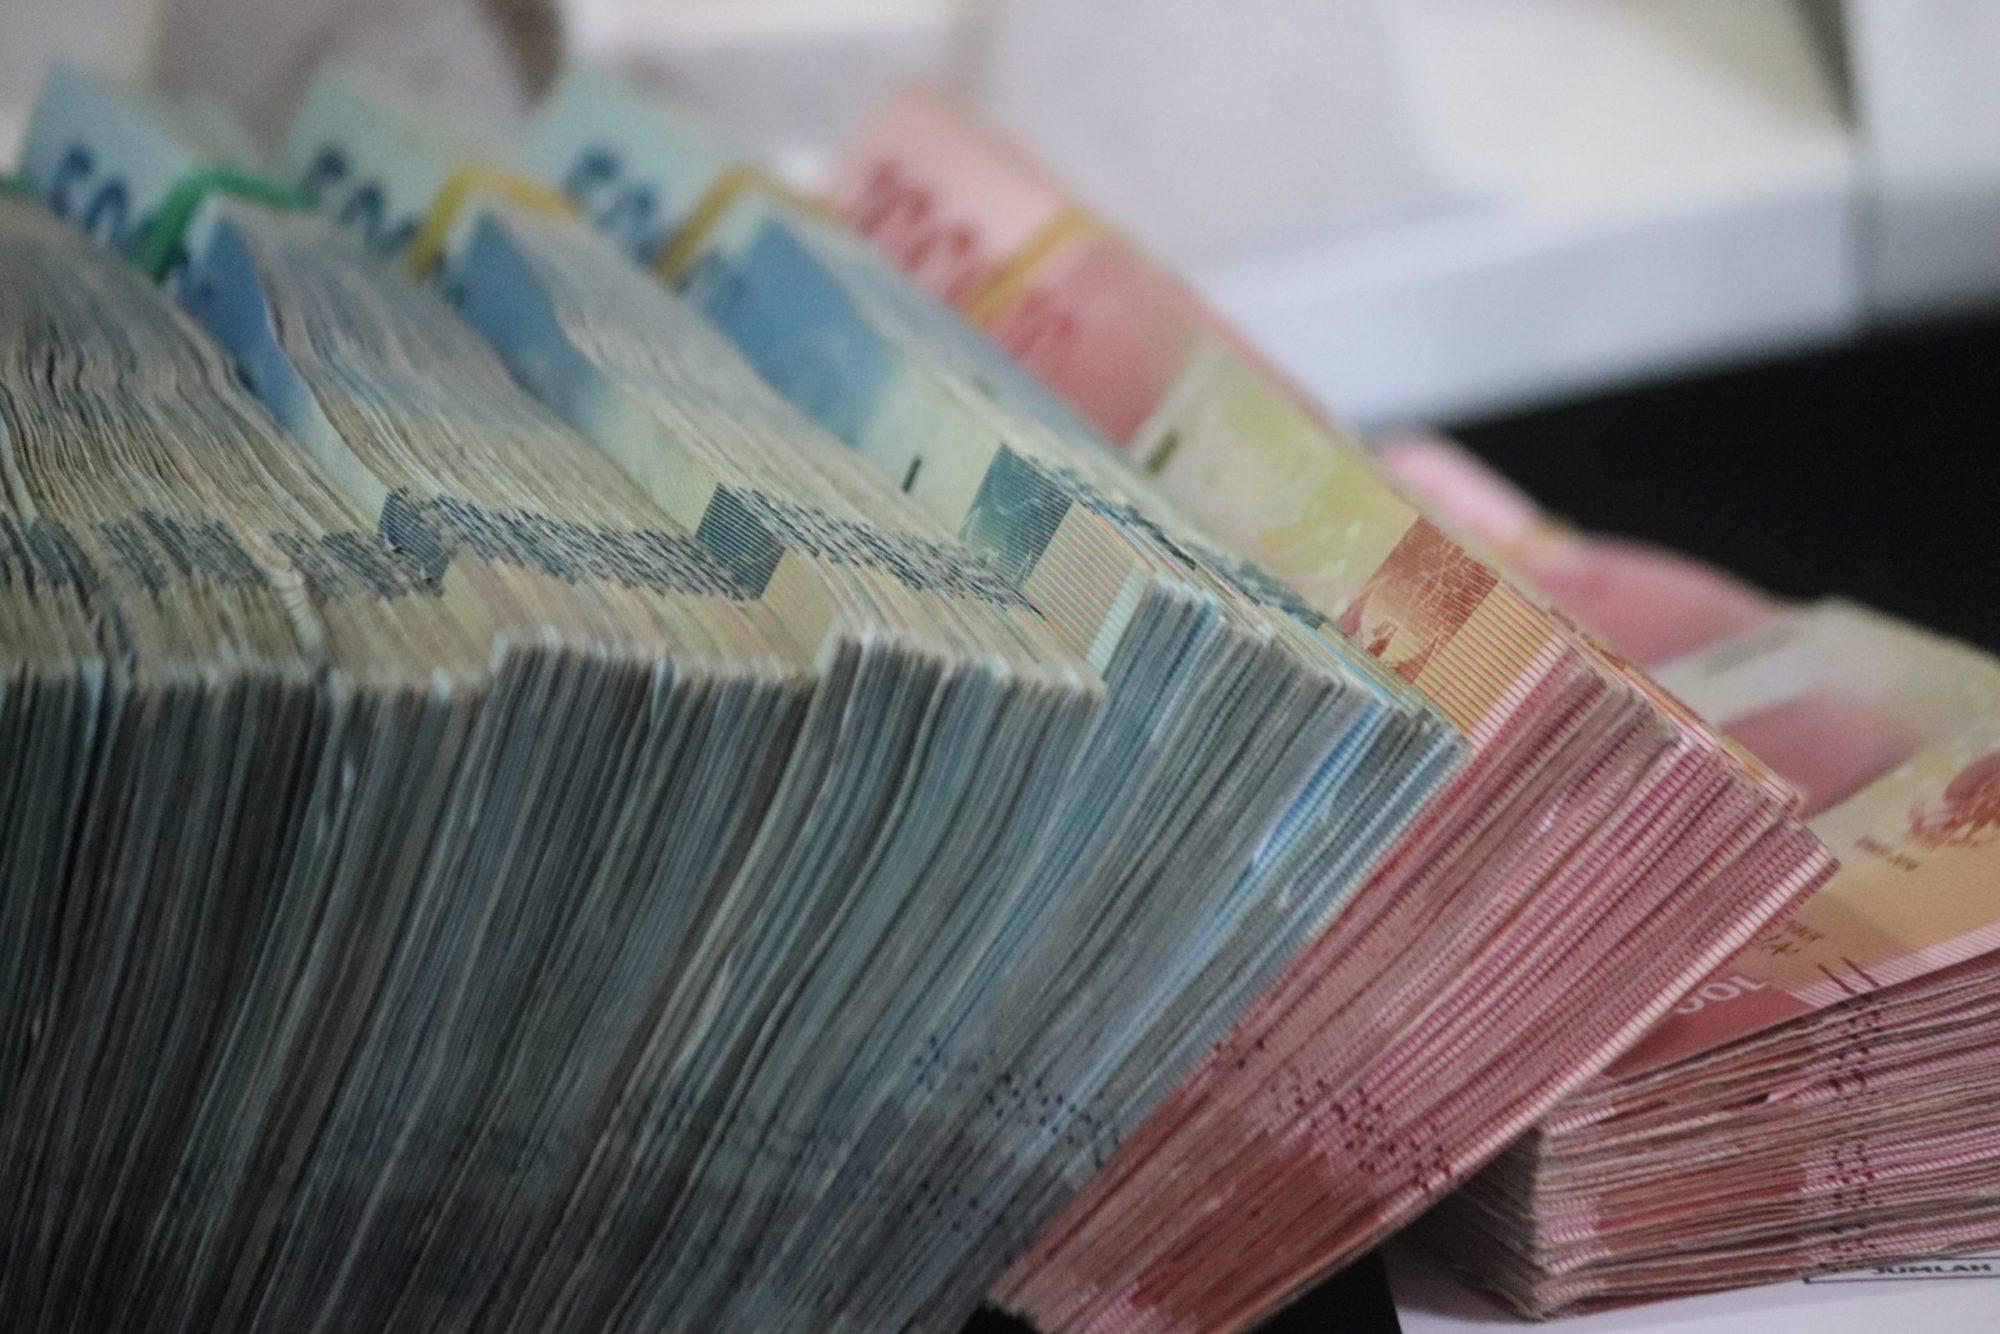 Asiantuntijoiden neuvot lapsen rahankäytöstä – Ei pilata lapsia rahalla